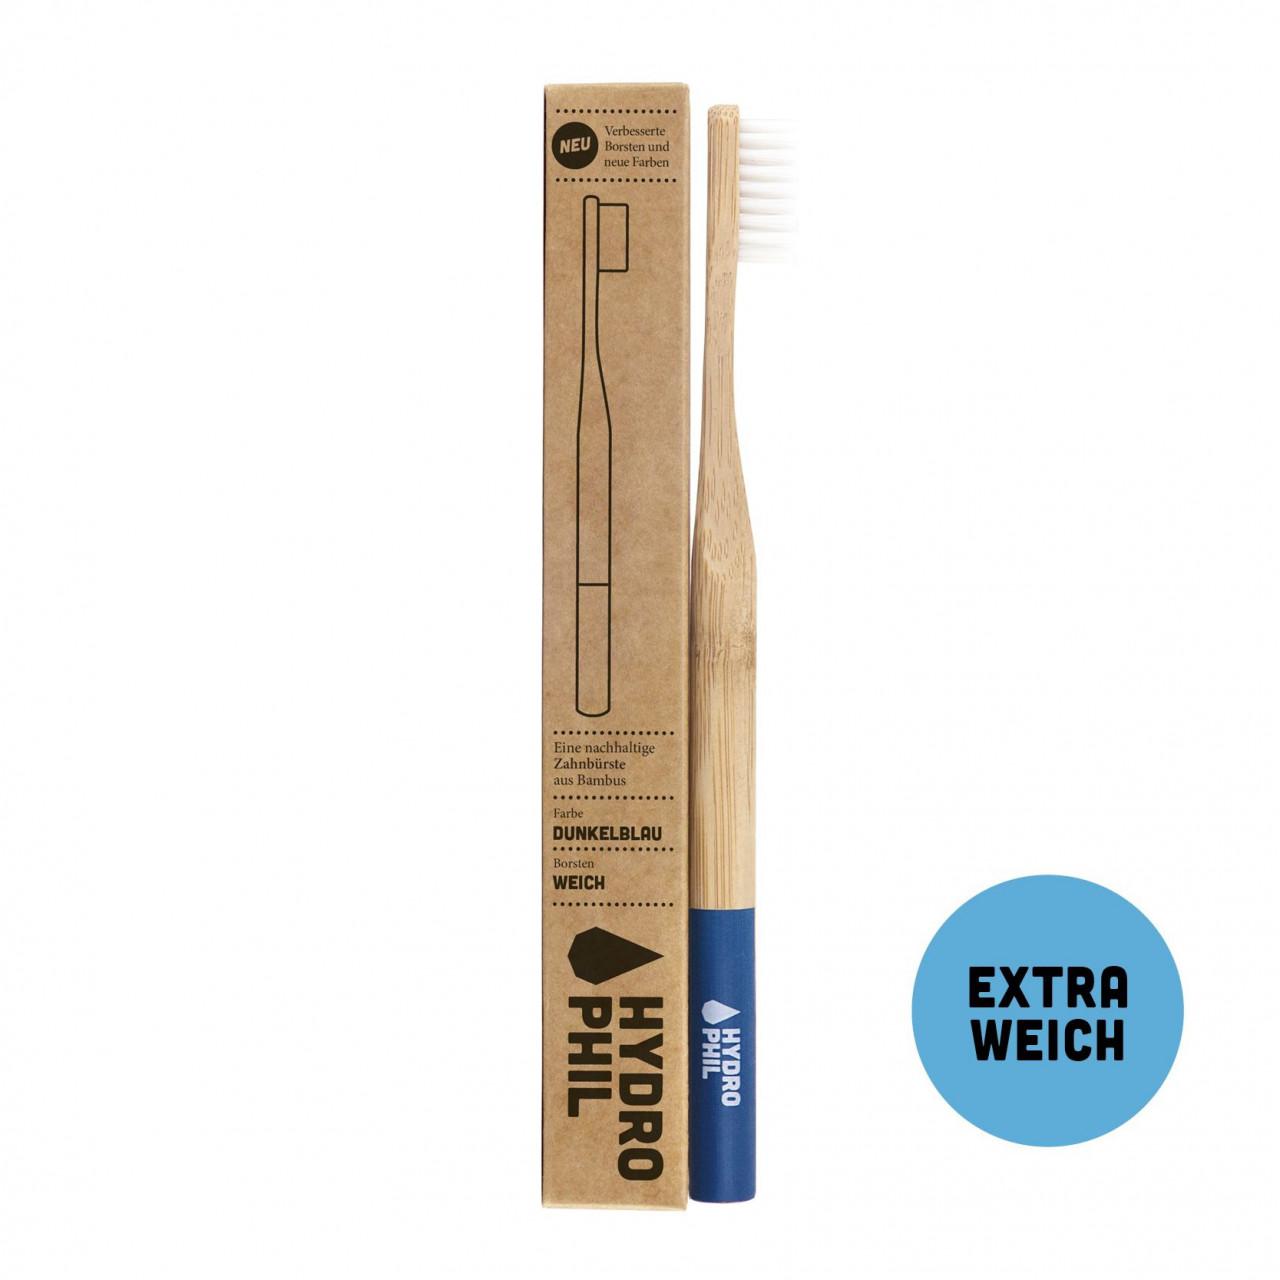 Nachhaltige Zahnbürste - dunkelblau - extraweich